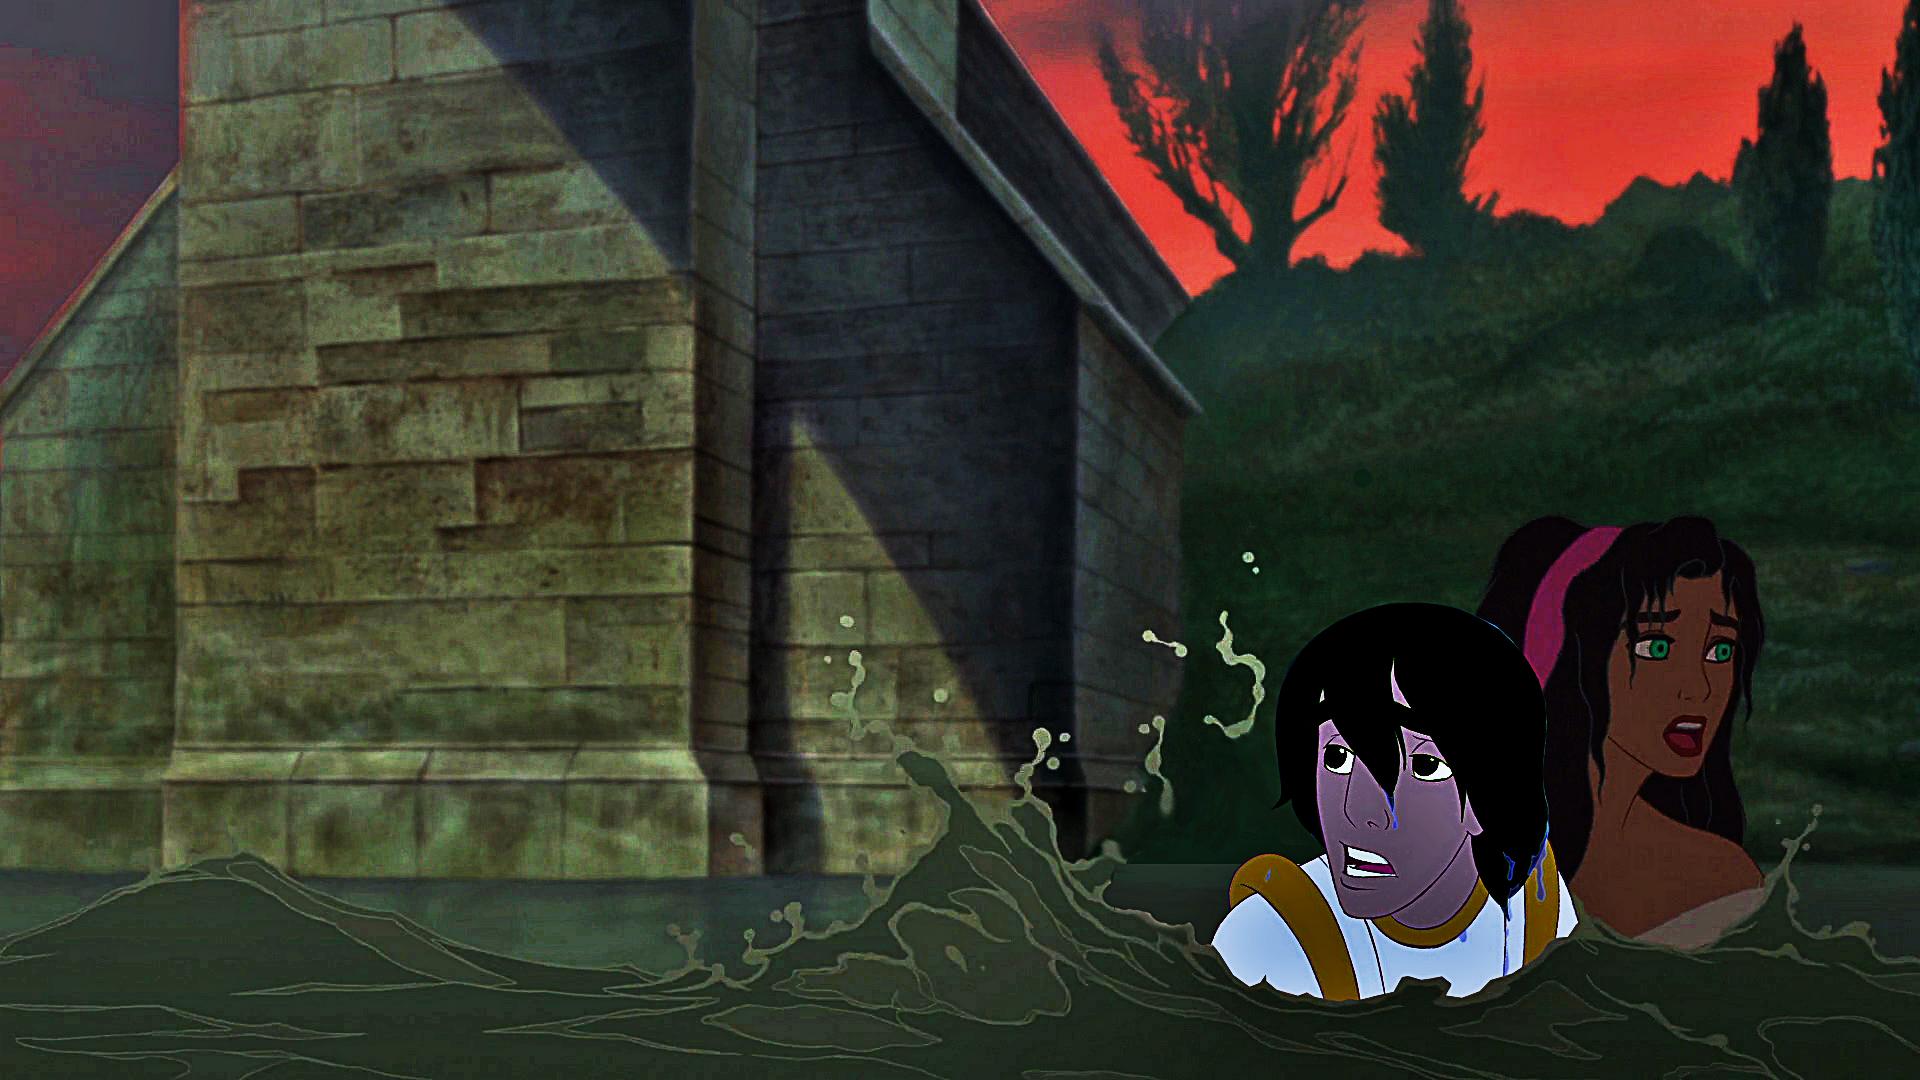 Escape -- Aladdin/Esmeralda